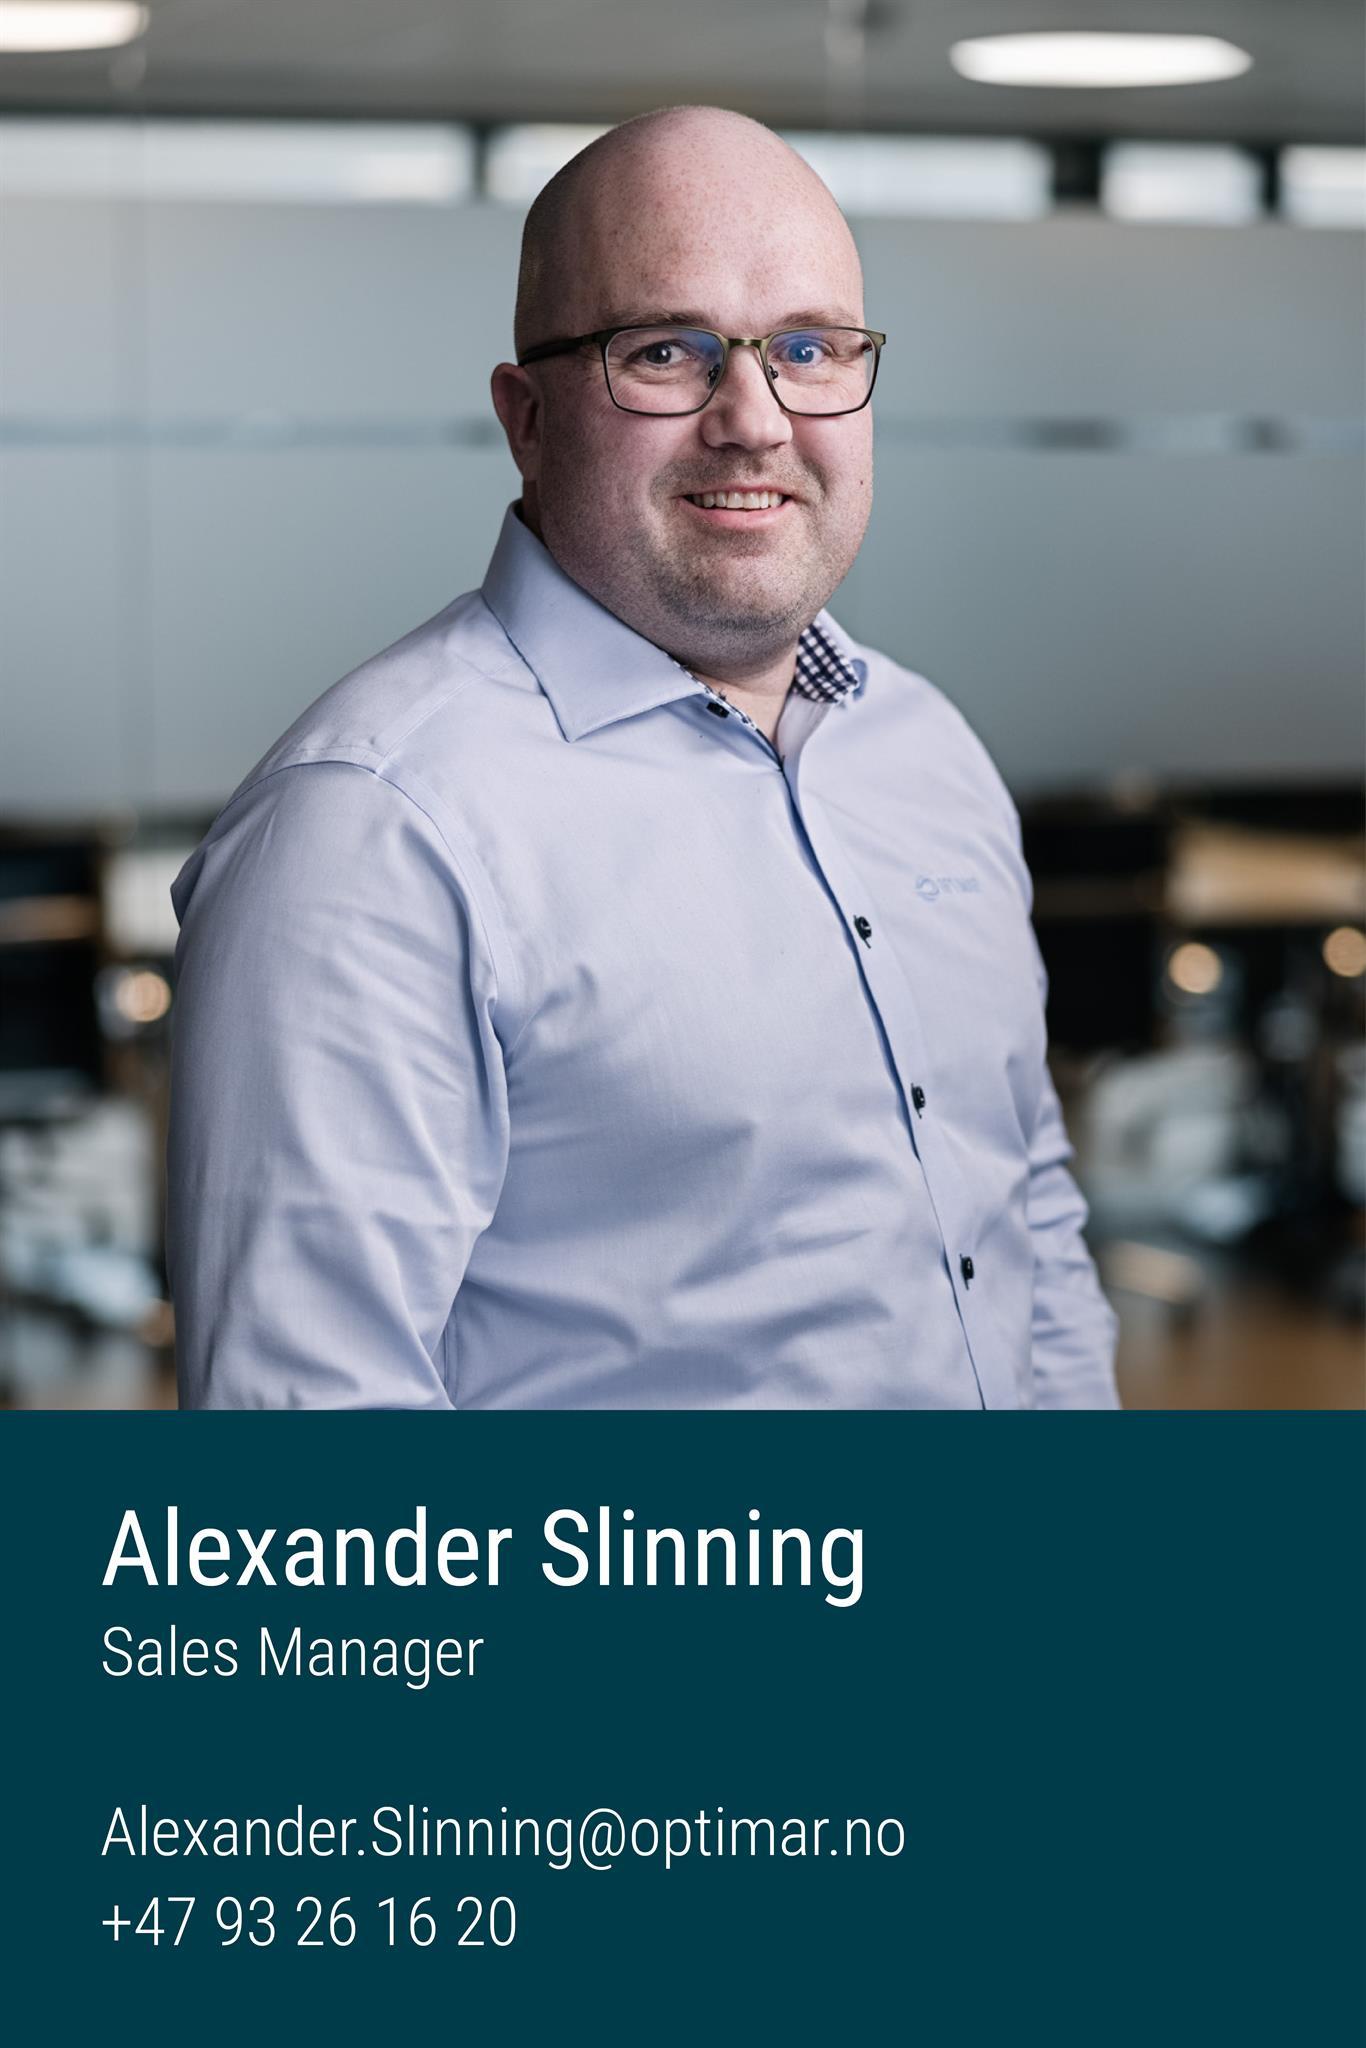 Alexander Slinning